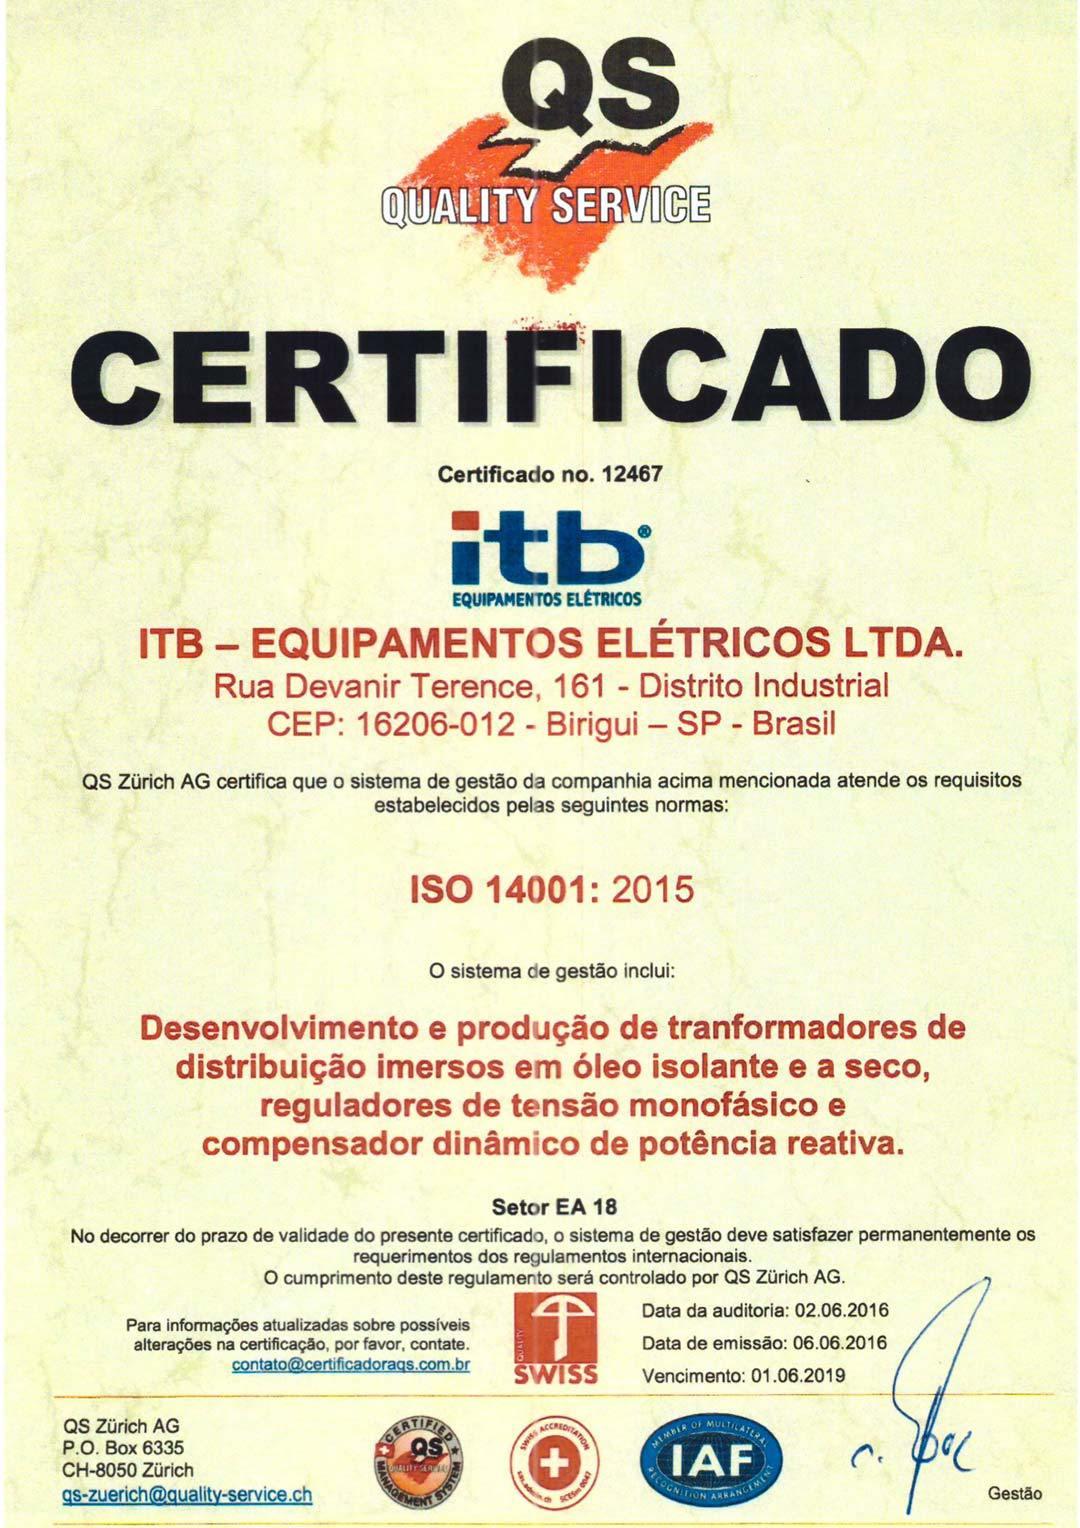 certificado-iso-14001-itb-transformadores